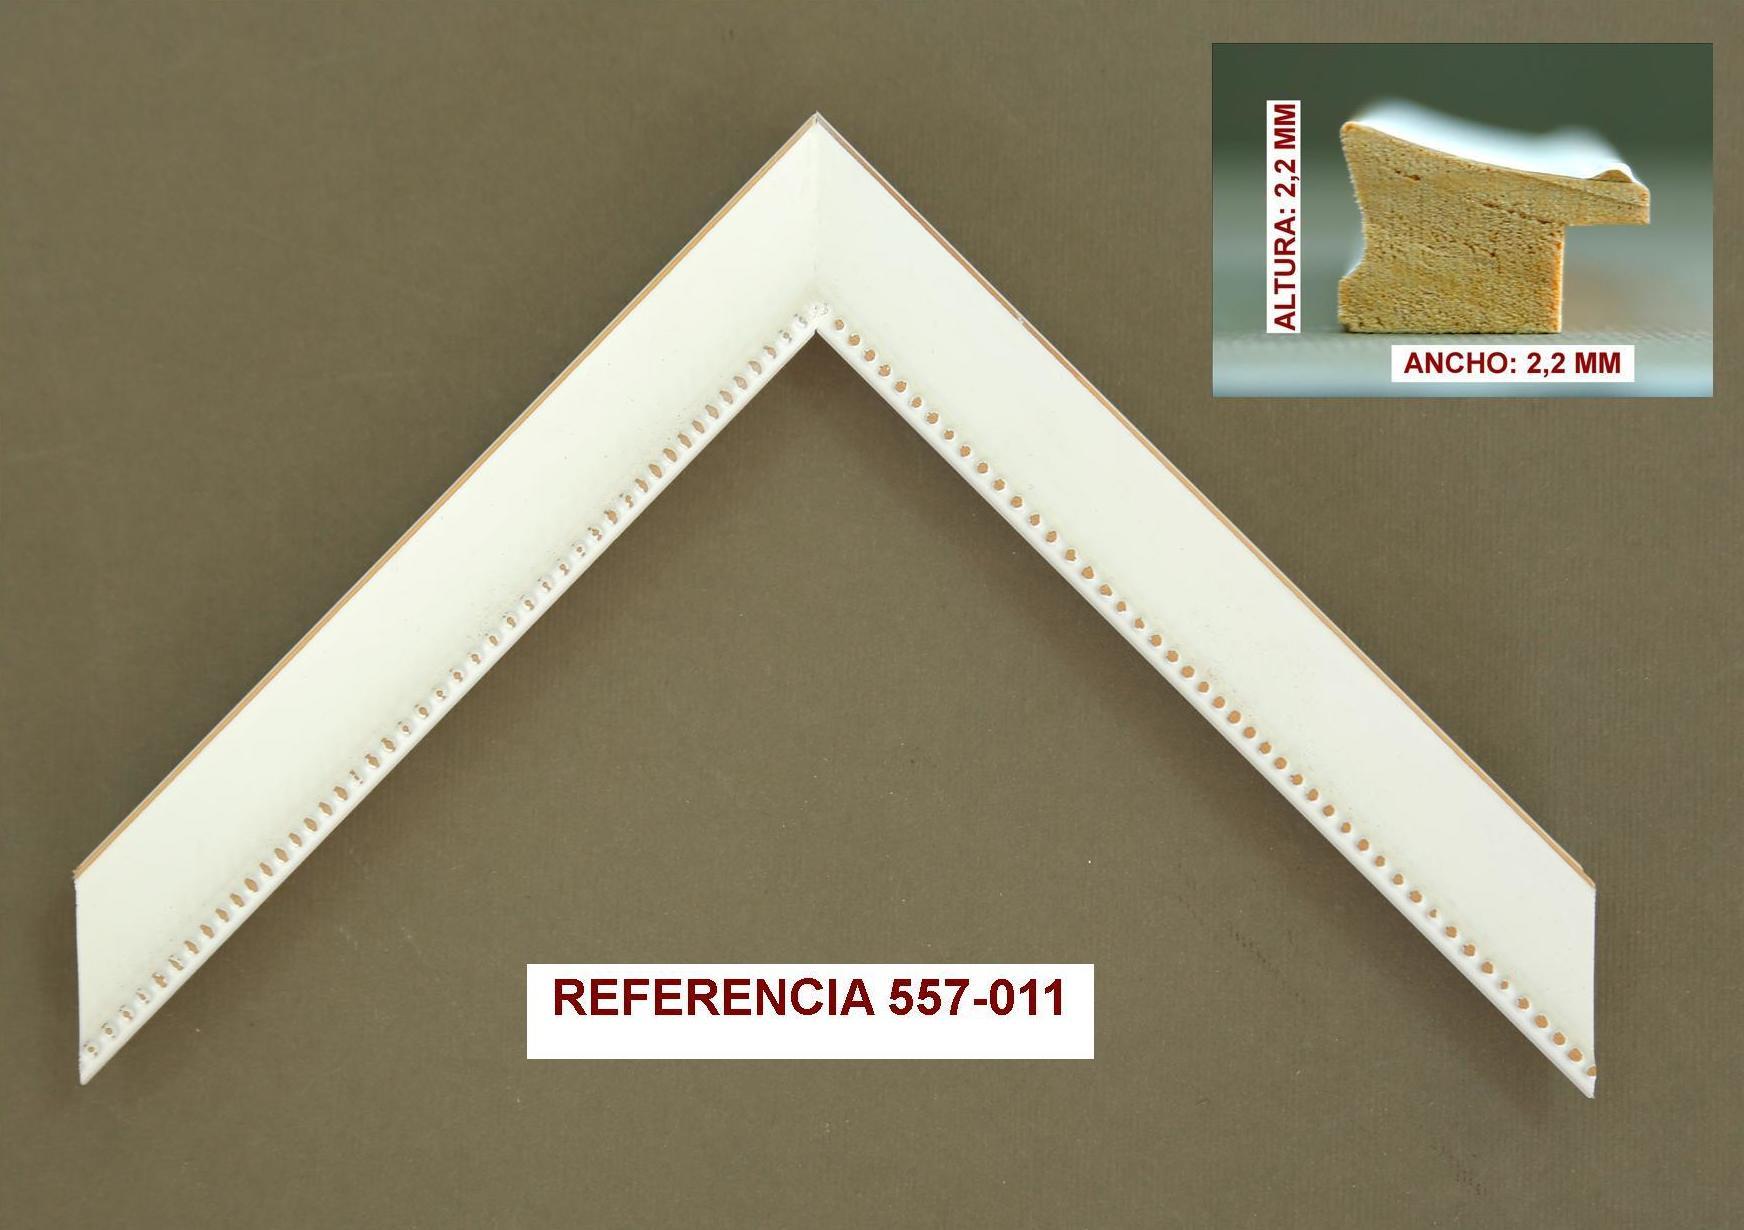 REF 557-011: Muestrario de Moldusevilla